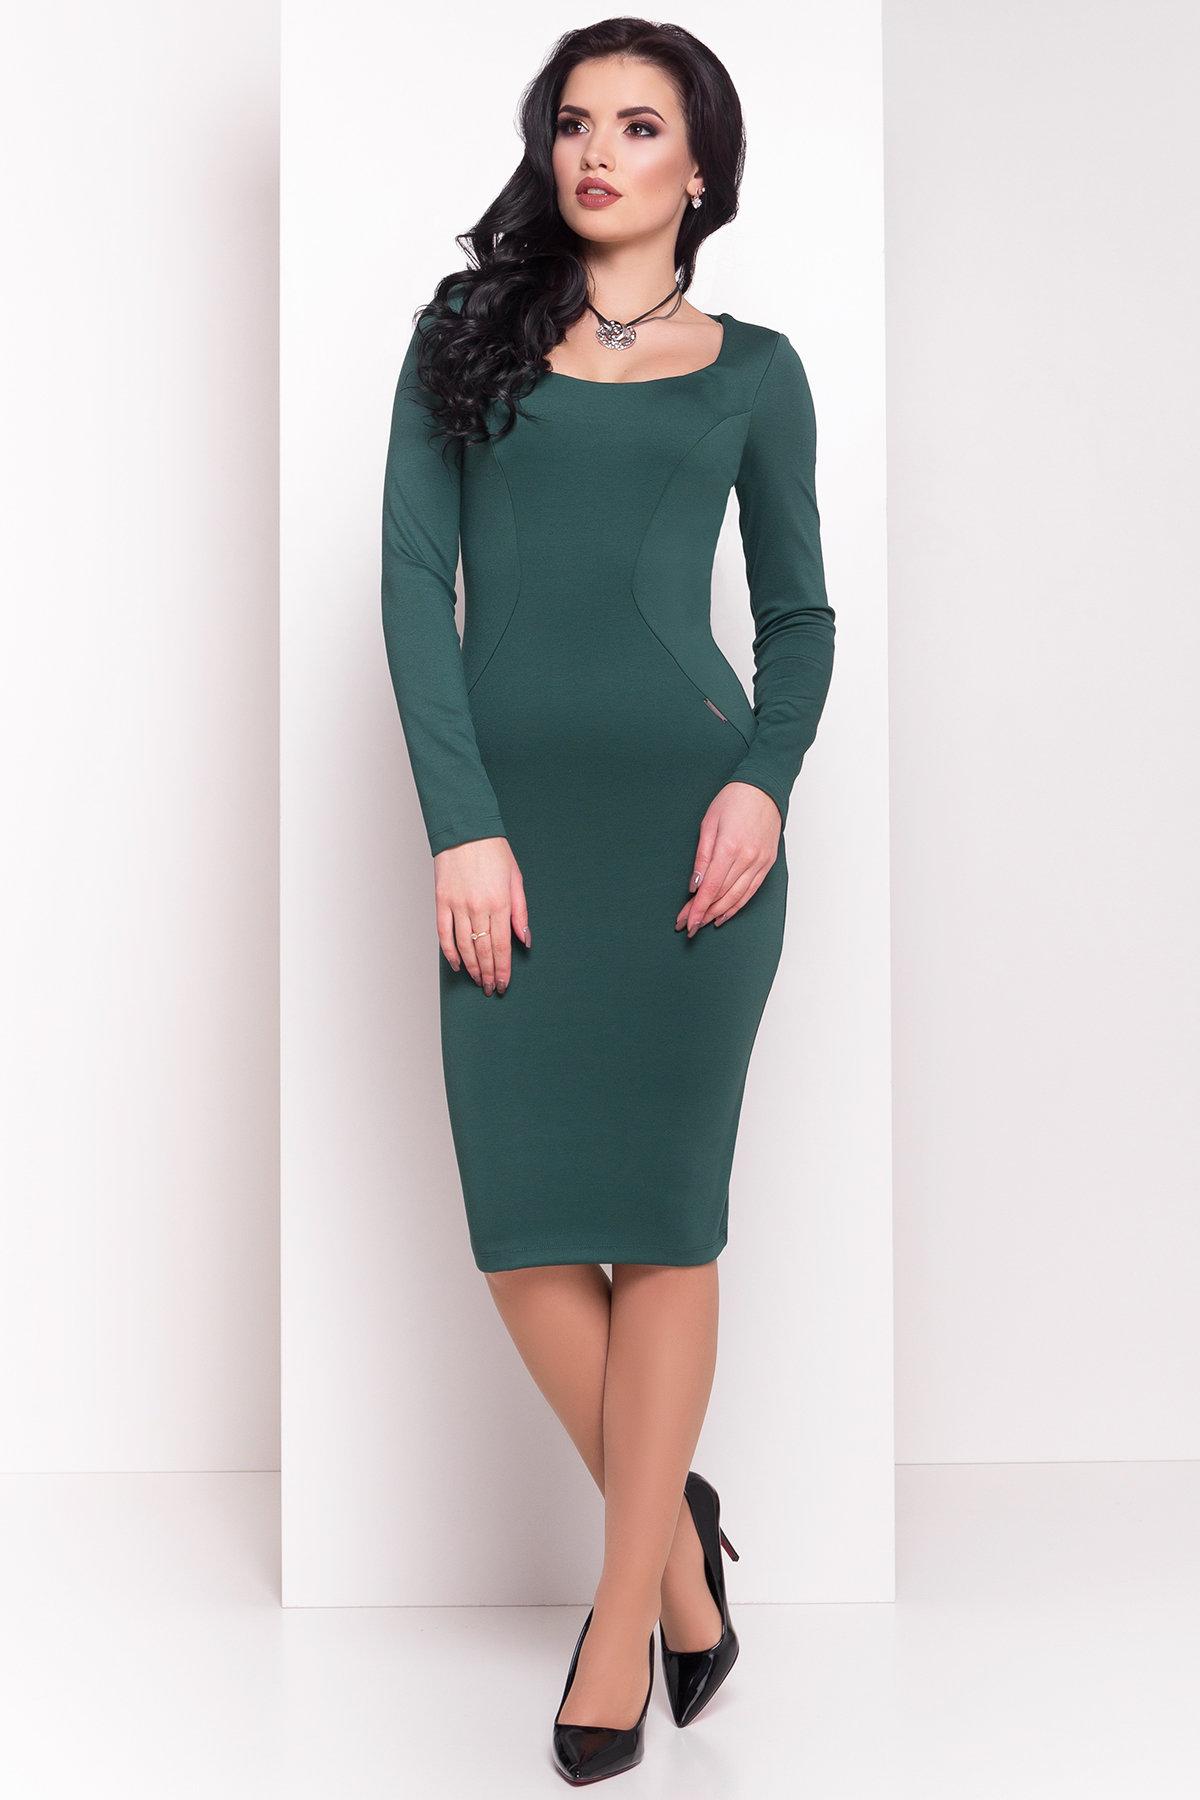 Женская одежда от производителя Modus Платье с круглым вырезом Альтера 510